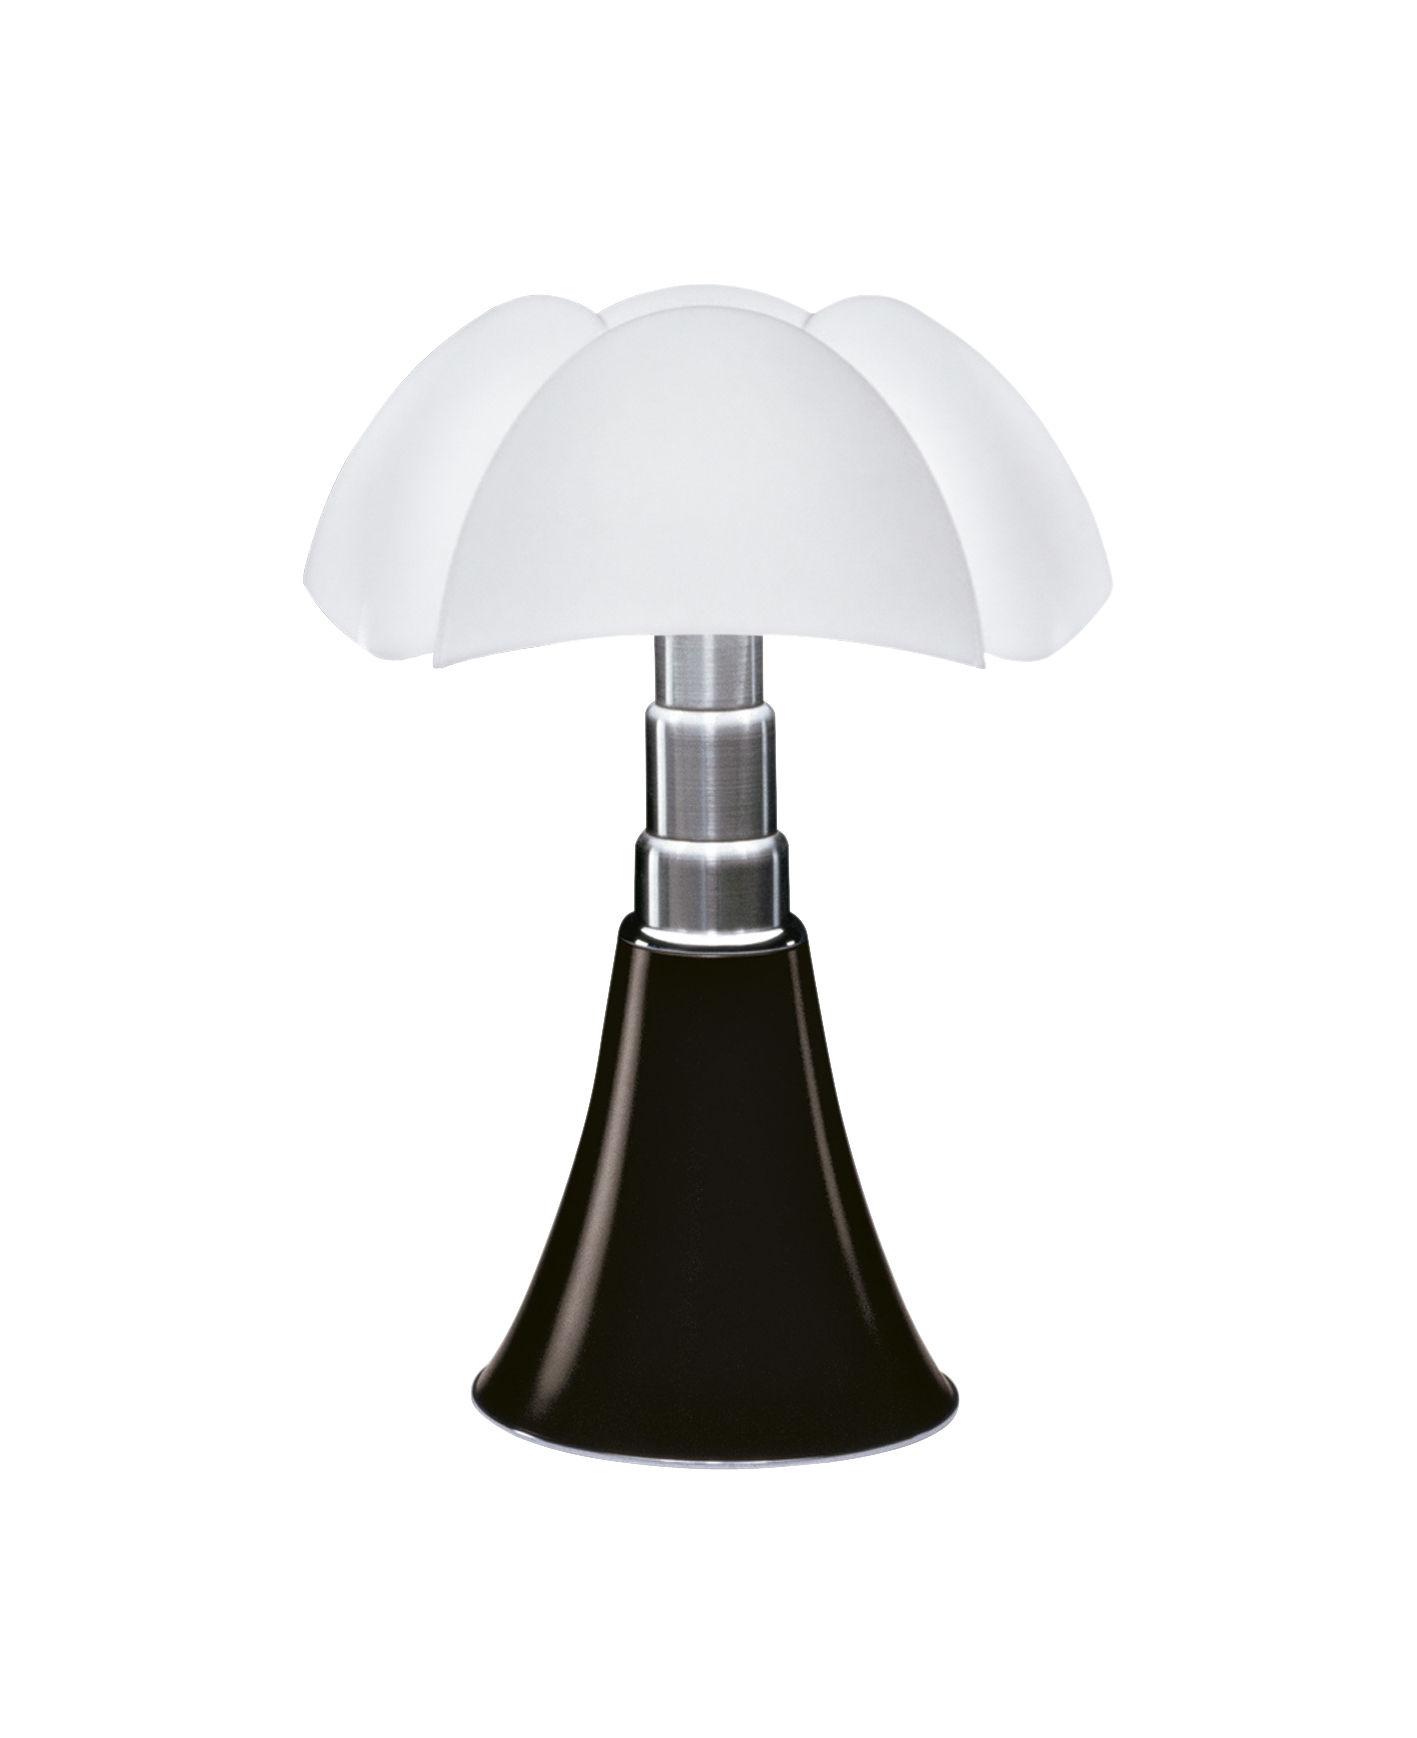 Leuchten - Tischleuchten - Minipipistrello LED Tischleuchte / H 35 cm - Martinelli Luce - Dunkelbraun - galvanisierter Stahl, lackiertes Aluminium, Méthacrylate opalin